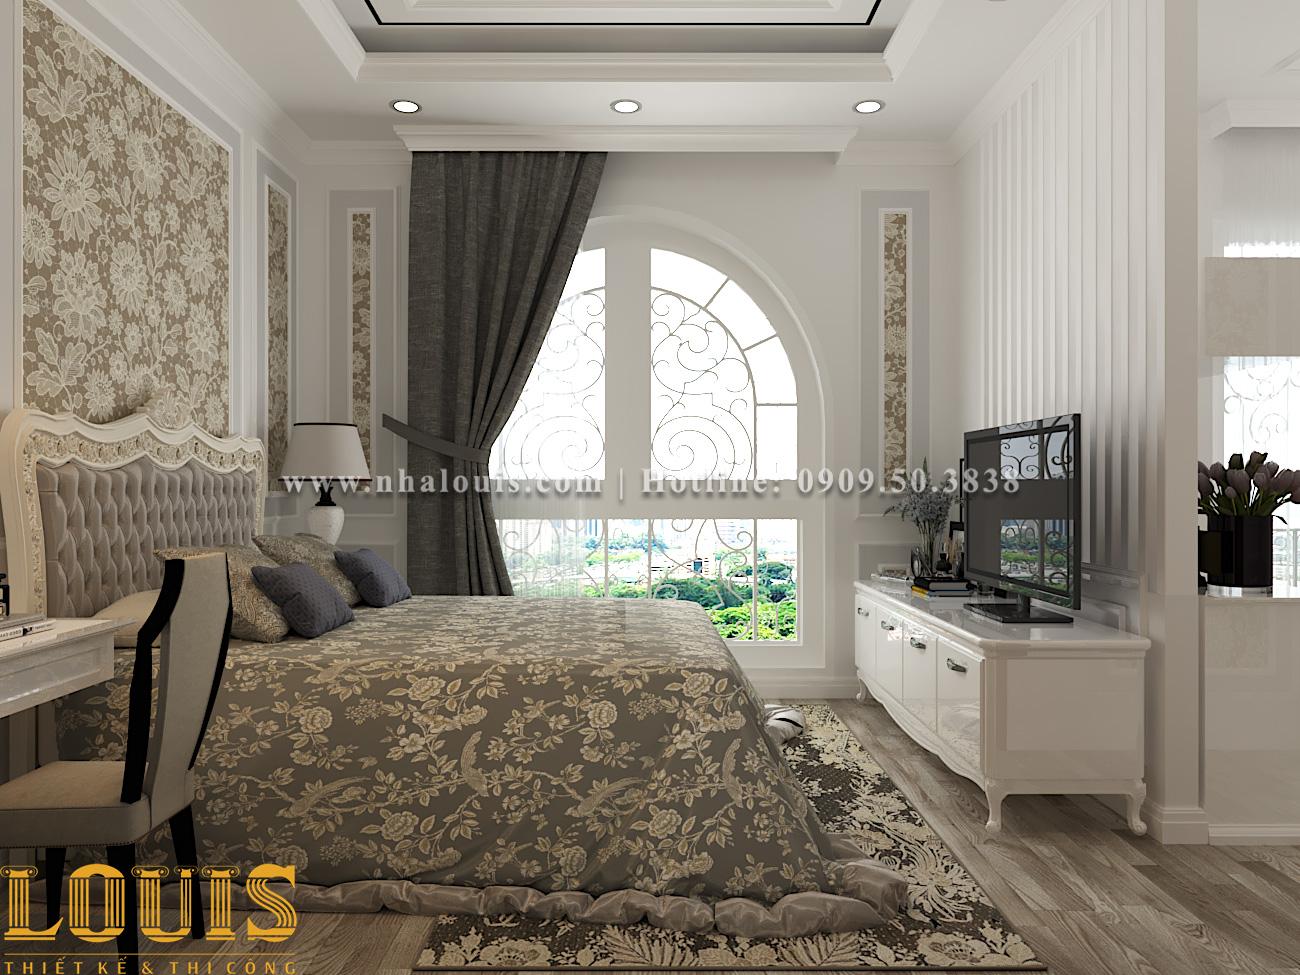 Phòng ngủ Mẫu nhà ống tân cổ điển 4 tầng tại Gò Vấp đẹp sang chảnh - 25